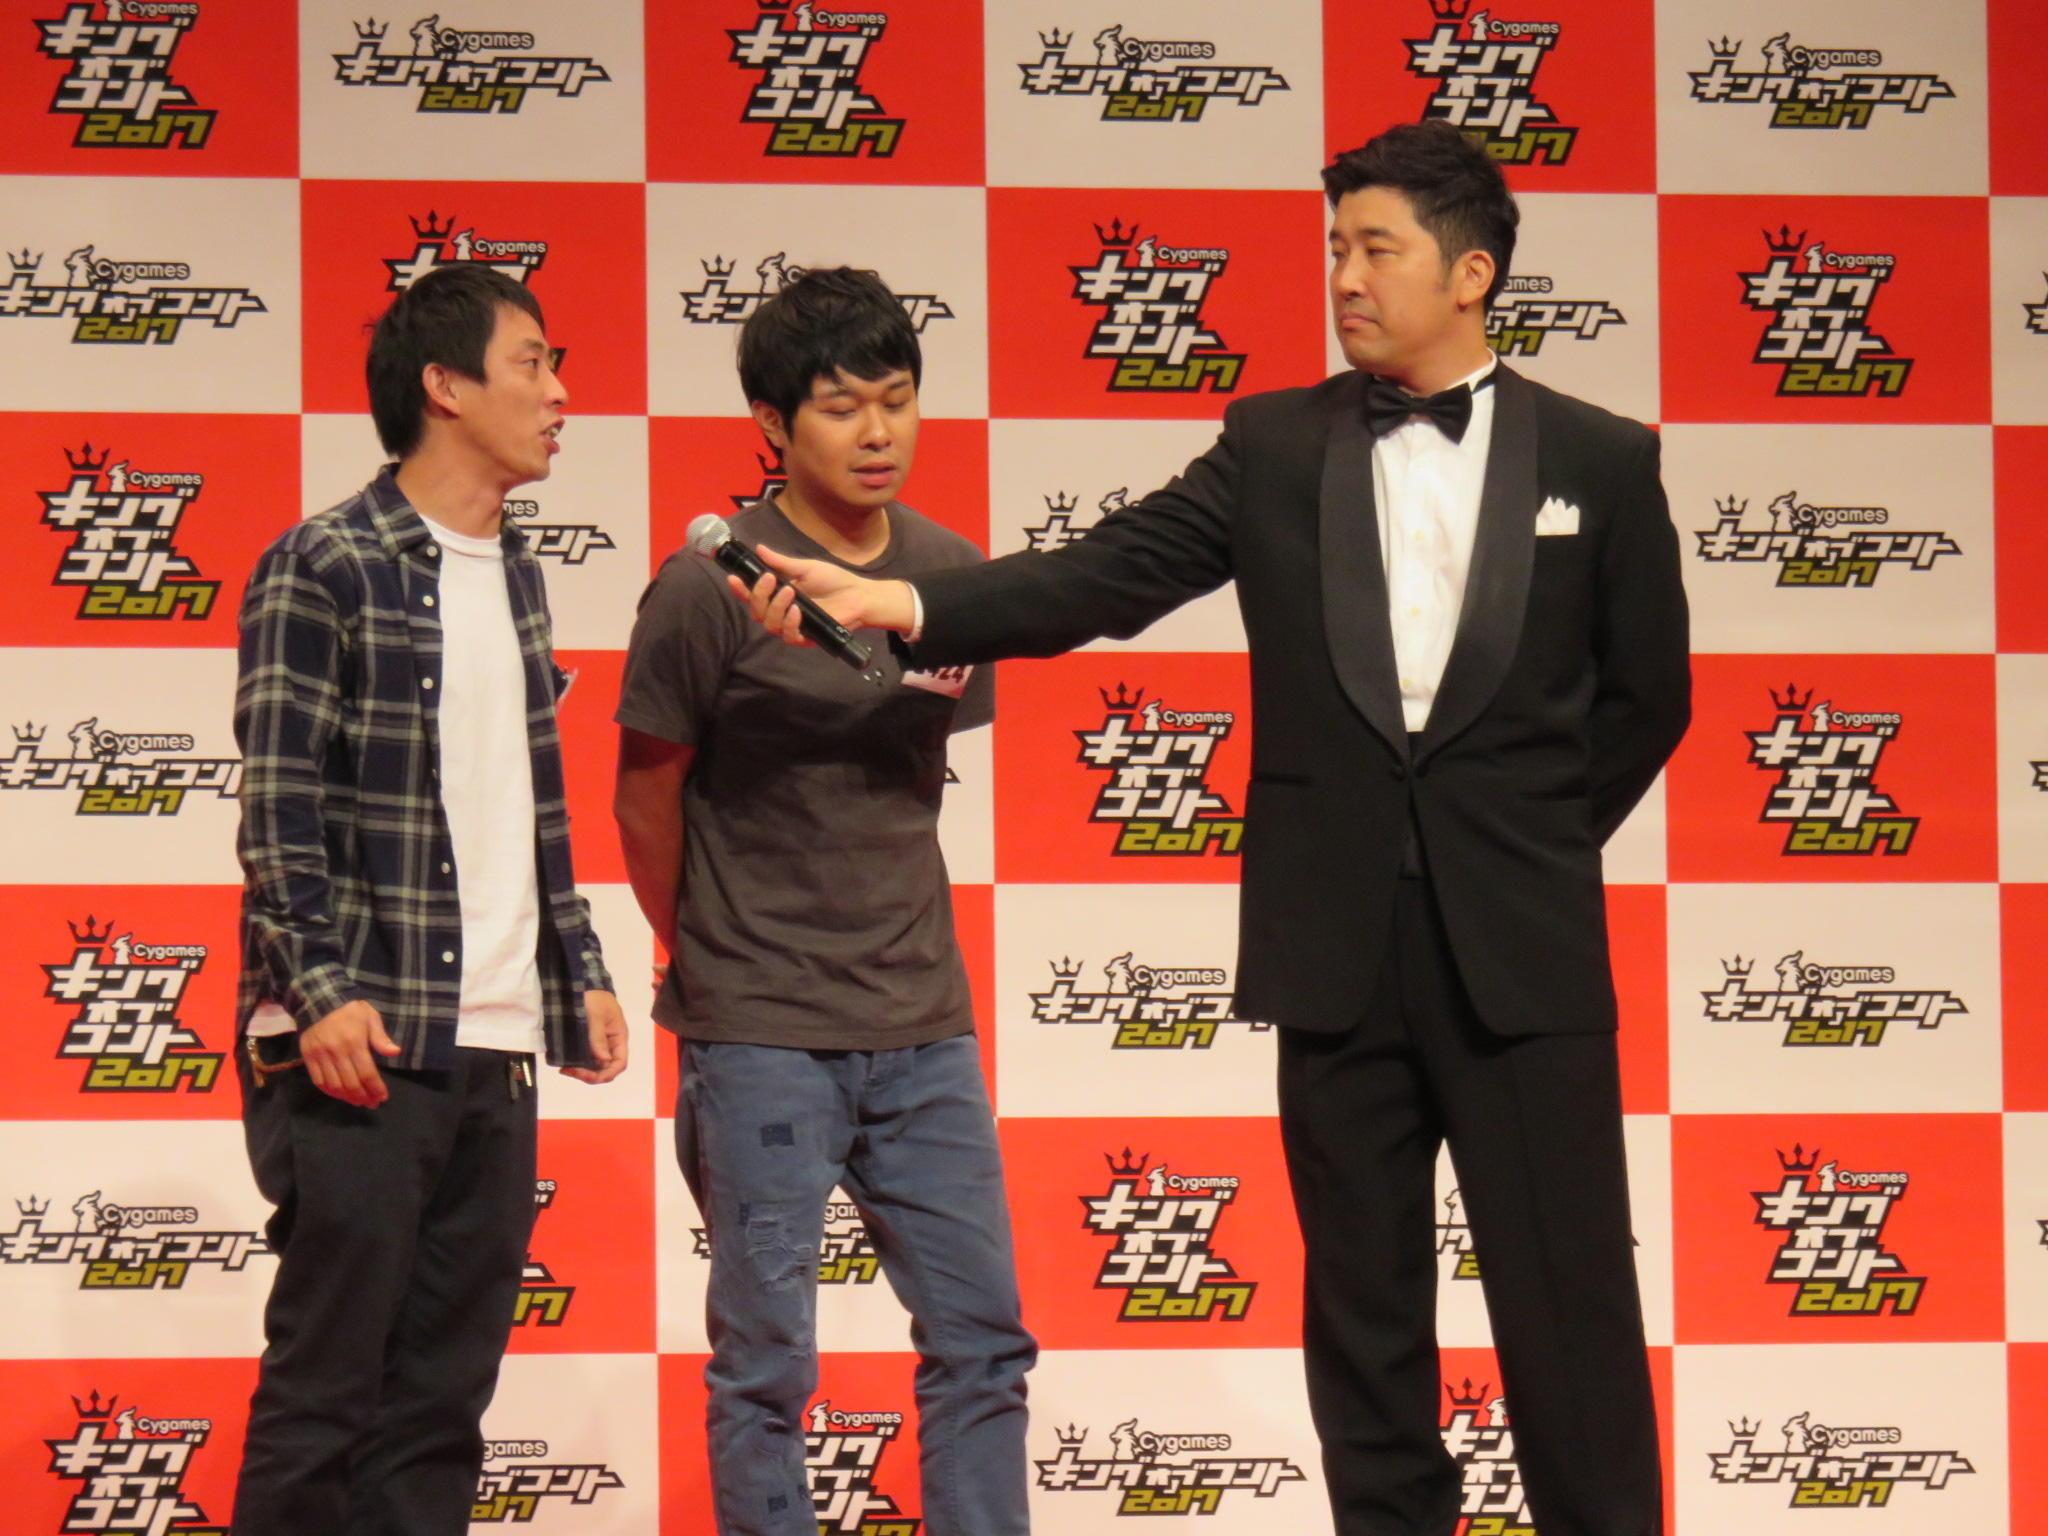 http://news.yoshimoto.co.jp/20170909005846-9c4ed6444fe17eb6c06d5e75d3c2f65bdeced7af.jpg